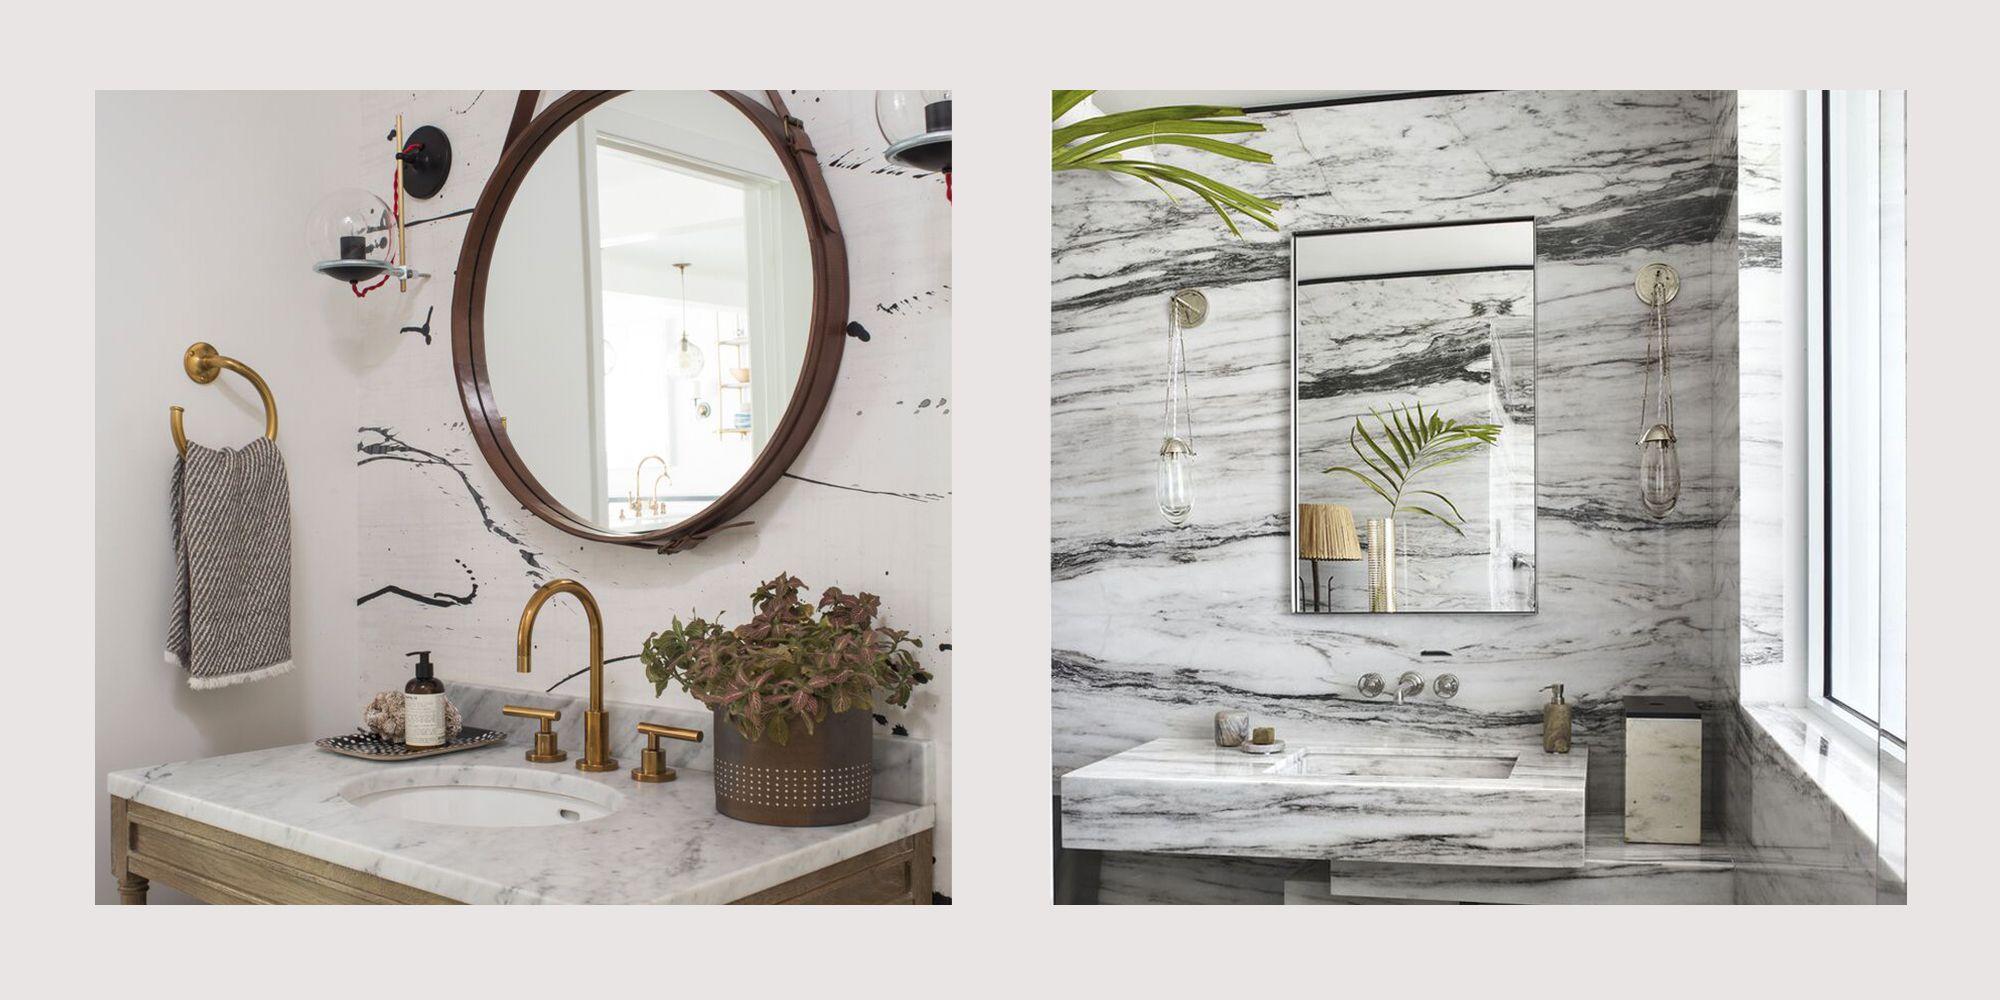 2020 Banyo Dekorasyon Onerileri Yeni Ornekler Kadin Blogu